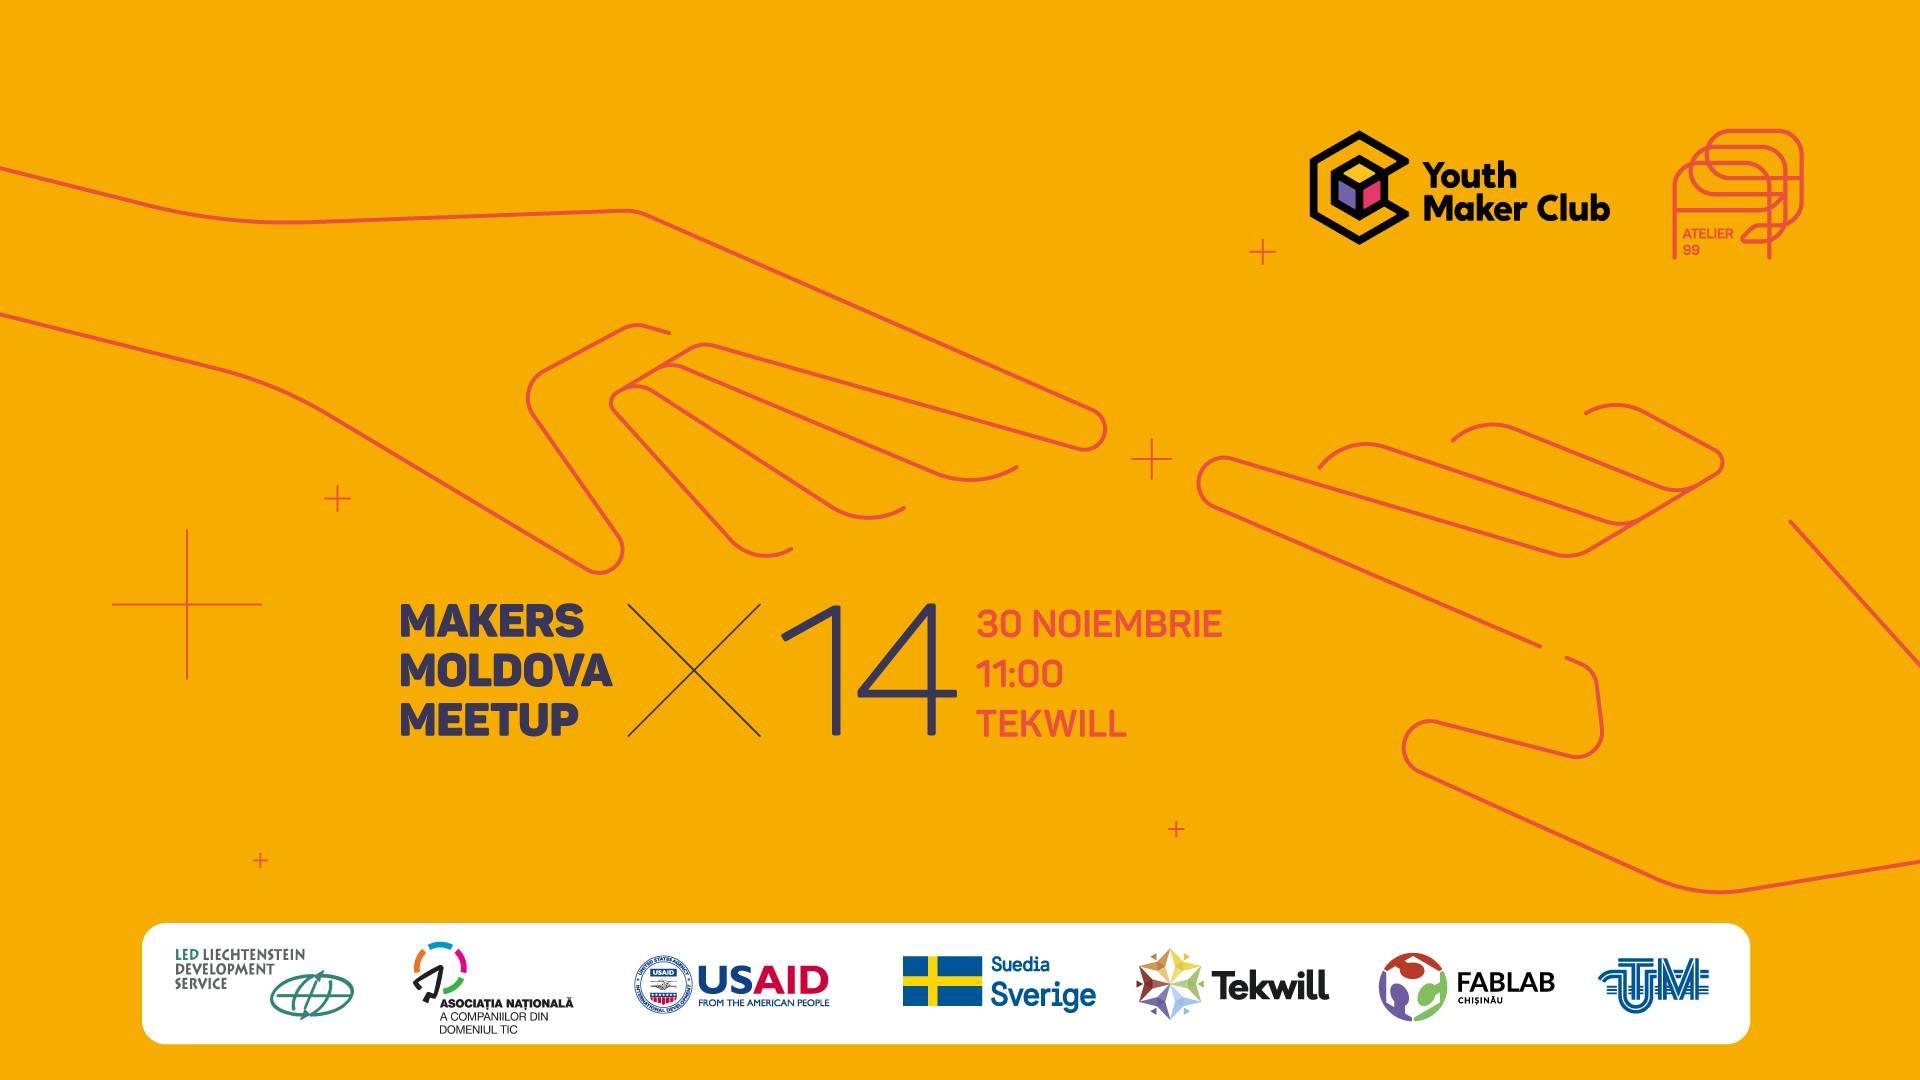 eveniment pentru studenti youth maker club